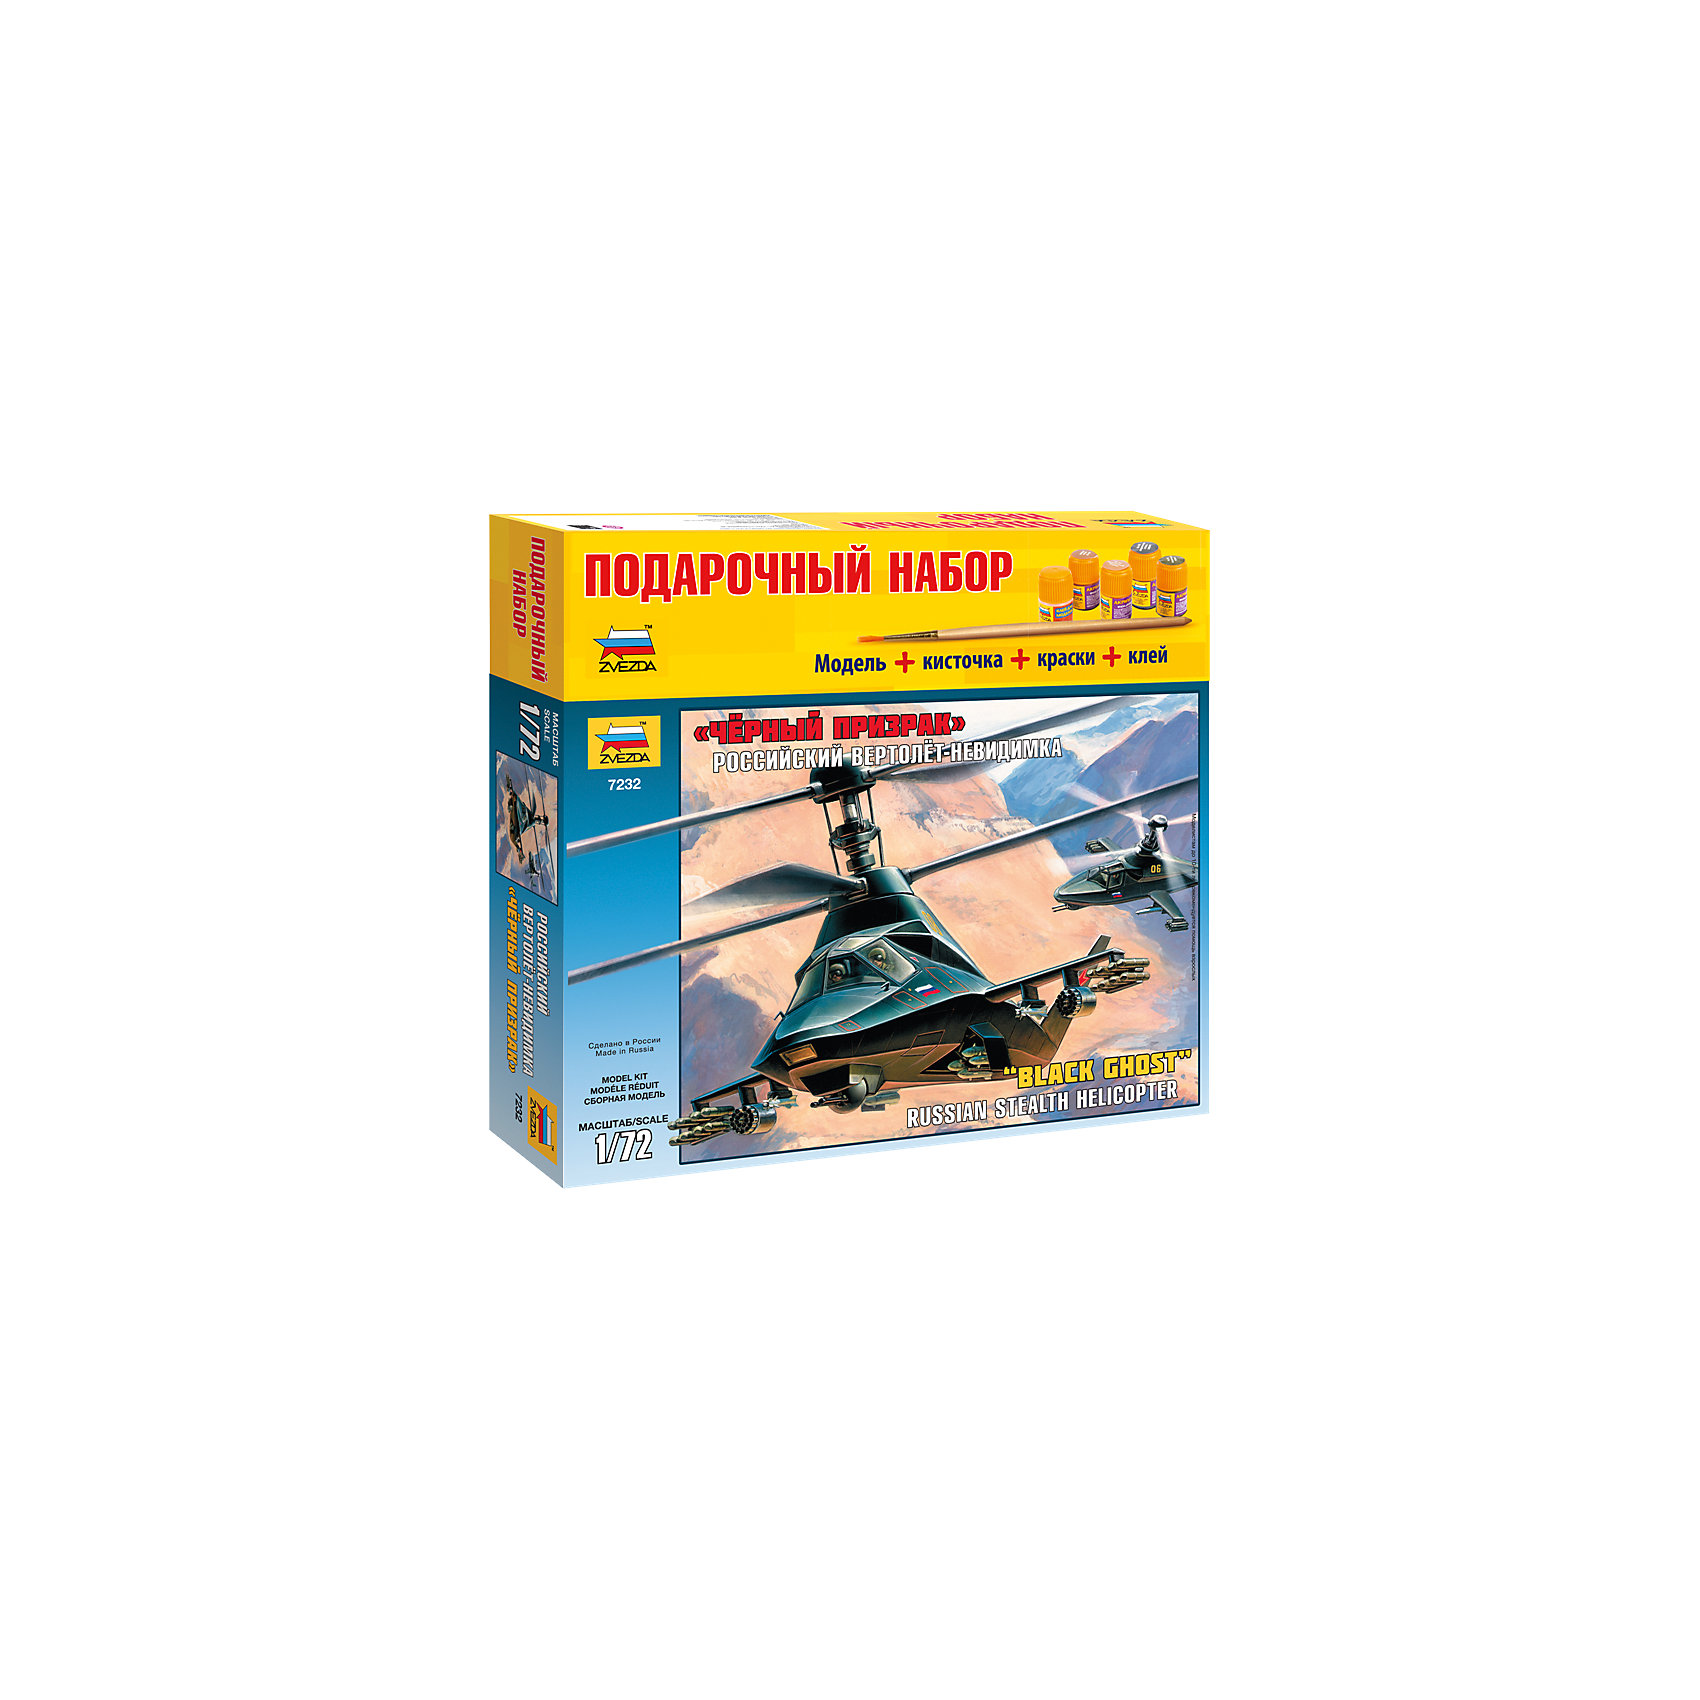 Подарочный набор Вертолет Ка-58 Черный призрак, ЗвездаВоенный транспорт<br>Подарочный набор Вертолет Ка-58 Черный призрак, Звезда – позволит создать уменьшенную копию известного вертолета.<br>Подарочный набор Вертолет Ка-58 Черный призрак позволит вам и вашему ребенку собрать уменьшенную копию современного российского вертолета Ка-58, который многие знают под псевдонимом «Черный призрак». Многоцелевой всепогодный боевой вертолет - невидимка, оснащённый мощнейшим комплексом современного вооружения, позволяющего вести боевые действия в любое время суток и при любой погоде. Изготовлен с применением технологии стелс. Модель выполнена в пропорции 1:72. Подробная детализация, безупречное литье пластиковых деталей, точность воспроизведения не оставят равнодушными ни начинающих, ни продвинутых моделистов и авиалюбителей. Модель собирается при помощи специального клея. Процесс сборки развивает интеллектуальные и инструментальные способности, воображение и конструктивное мышление, а также прививает практические навыки работы со схемами и чертежами.<br><br>Дополнительная информация:<br><br>- В наборе: 123 детали для сборки, клей, кисточка, краски<br>- Длина собранной модели: 19,7 см.<br>- Масштаб: 1:72<br>- Материал: высококачественный пластик<br>- Размер упаковки: 275x300x50 мм.<br>- Вес: 580 гр.<br><br>Подарочный набор Вертолет Ка-58 Черный призрак, Звезда можно купить в нашем интернет-магазине.<br><br>Ширина мм: 310<br>Глубина мм: 50<br>Высота мм: 280<br>Вес г: 590<br>Возраст от месяцев: 60<br>Возраст до месяцев: 192<br>Пол: Мужской<br>Возраст: Детский<br>SKU: 4060341